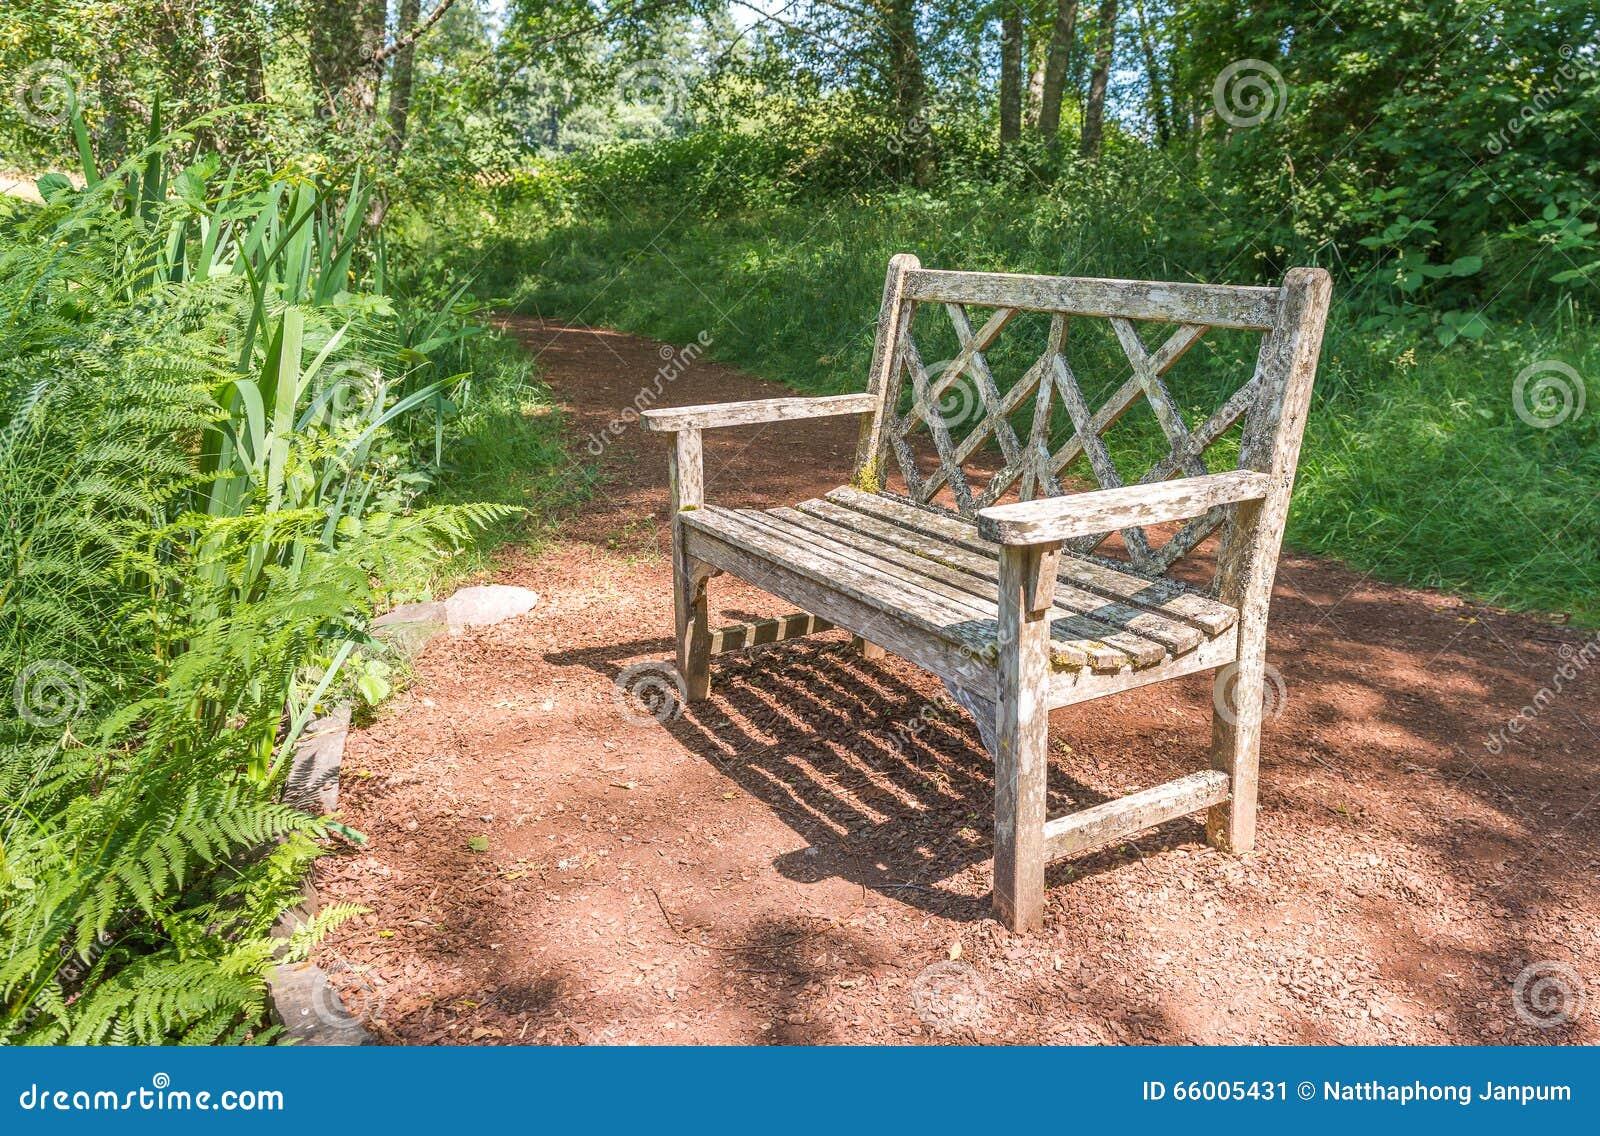 Un Vieux Banc En Bois Dans Le Beau Jardin Botanique Avec L\'ombre De ...